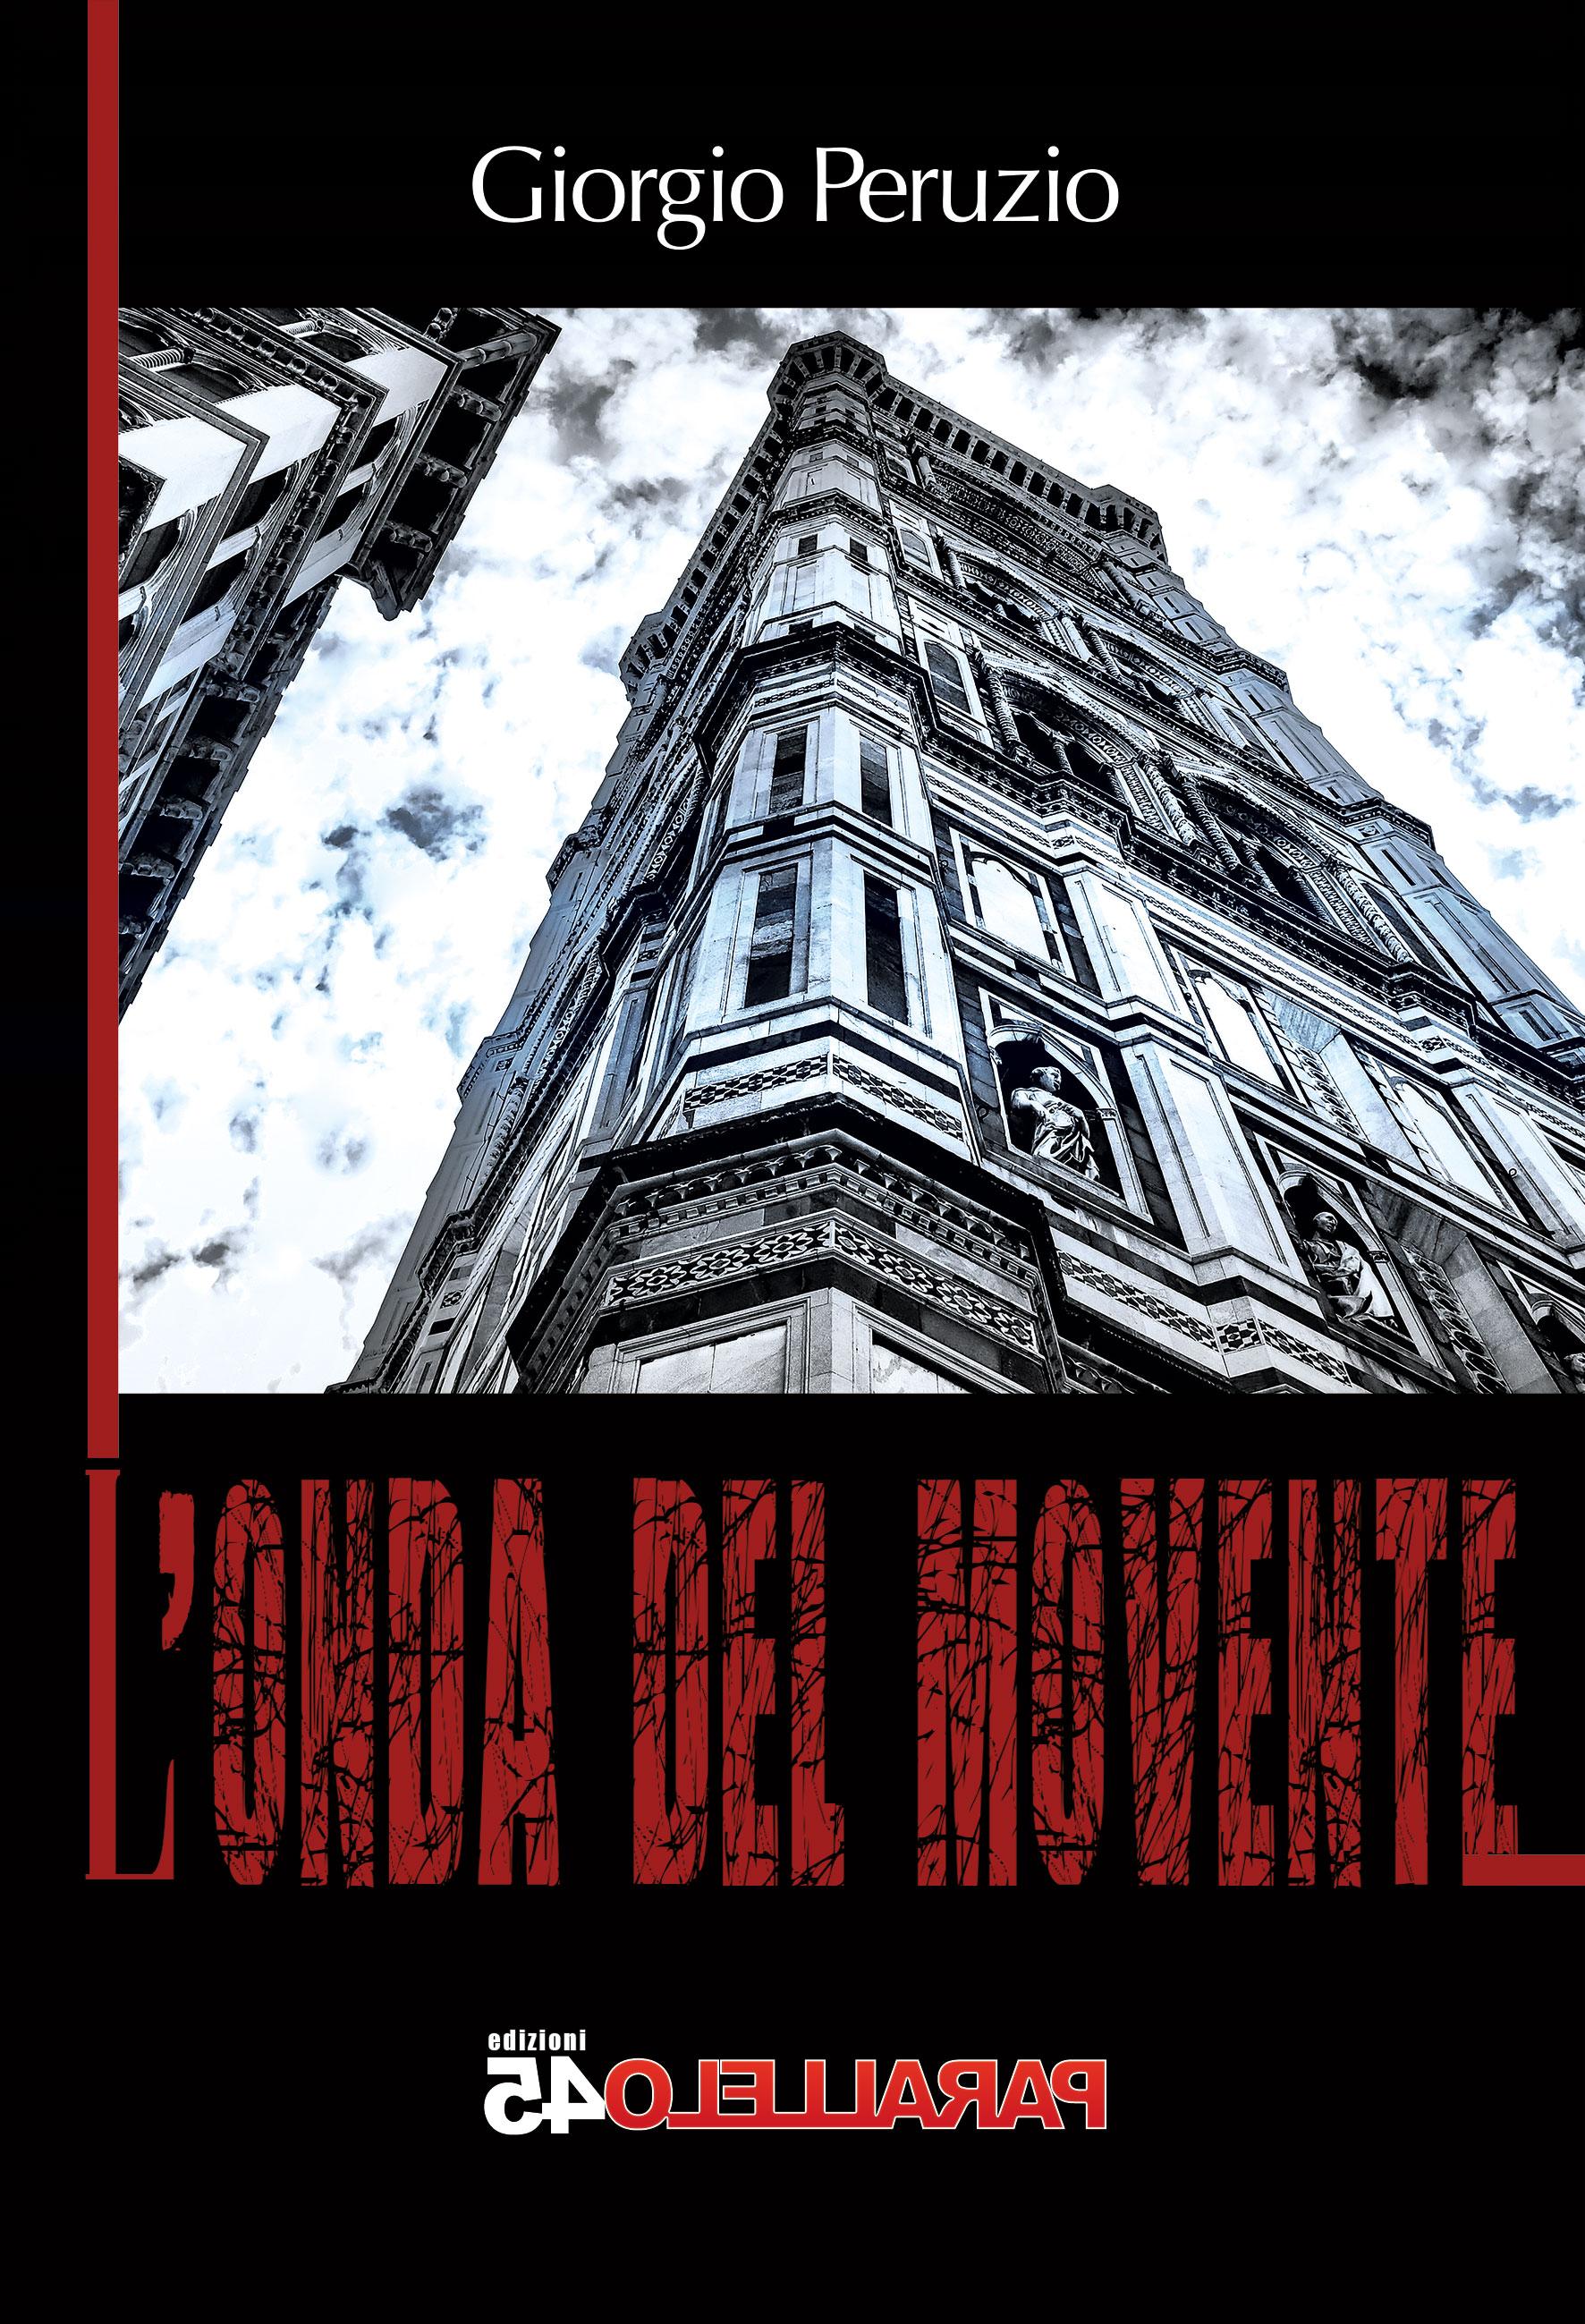 x-WEB.-L'ONDA-DEL-MOVENTE-Giorgio-Peruzio